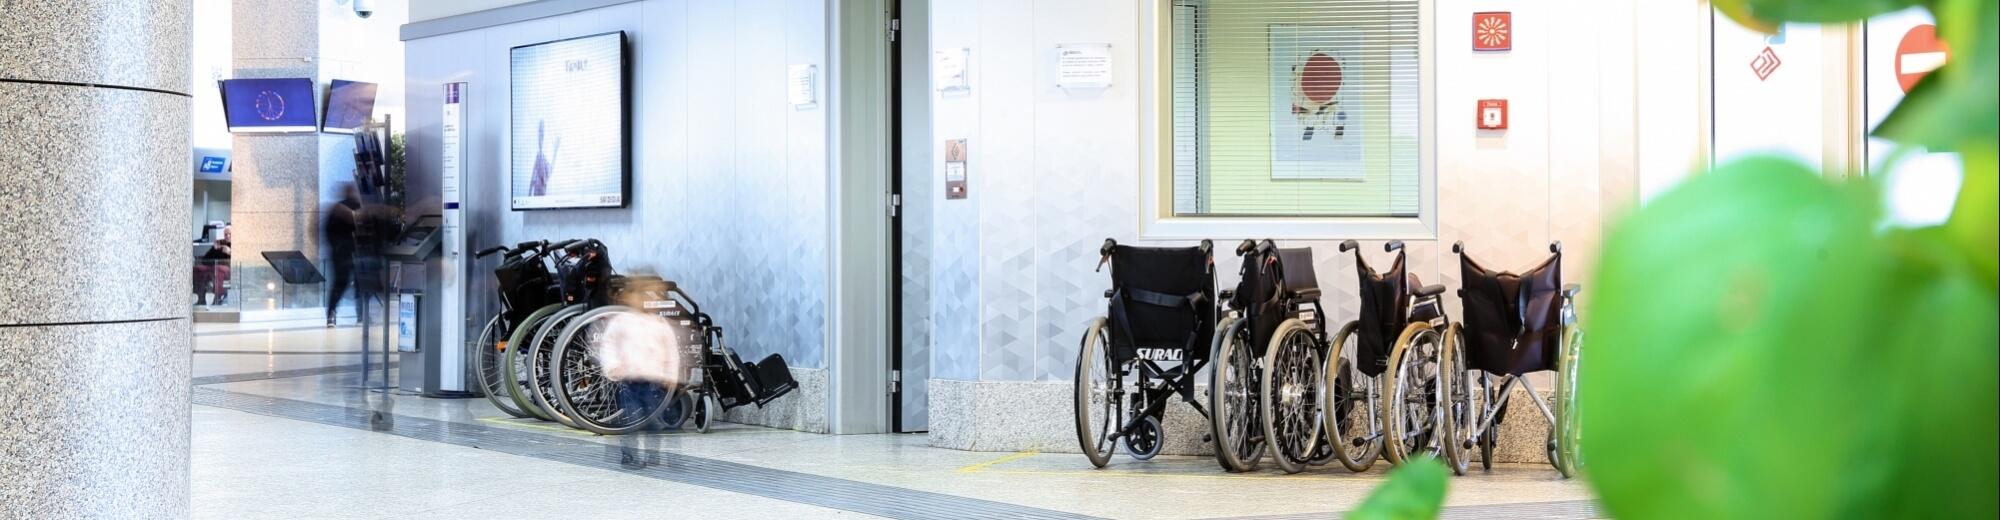 Assistenza a passeggeri con mobilità ridotta